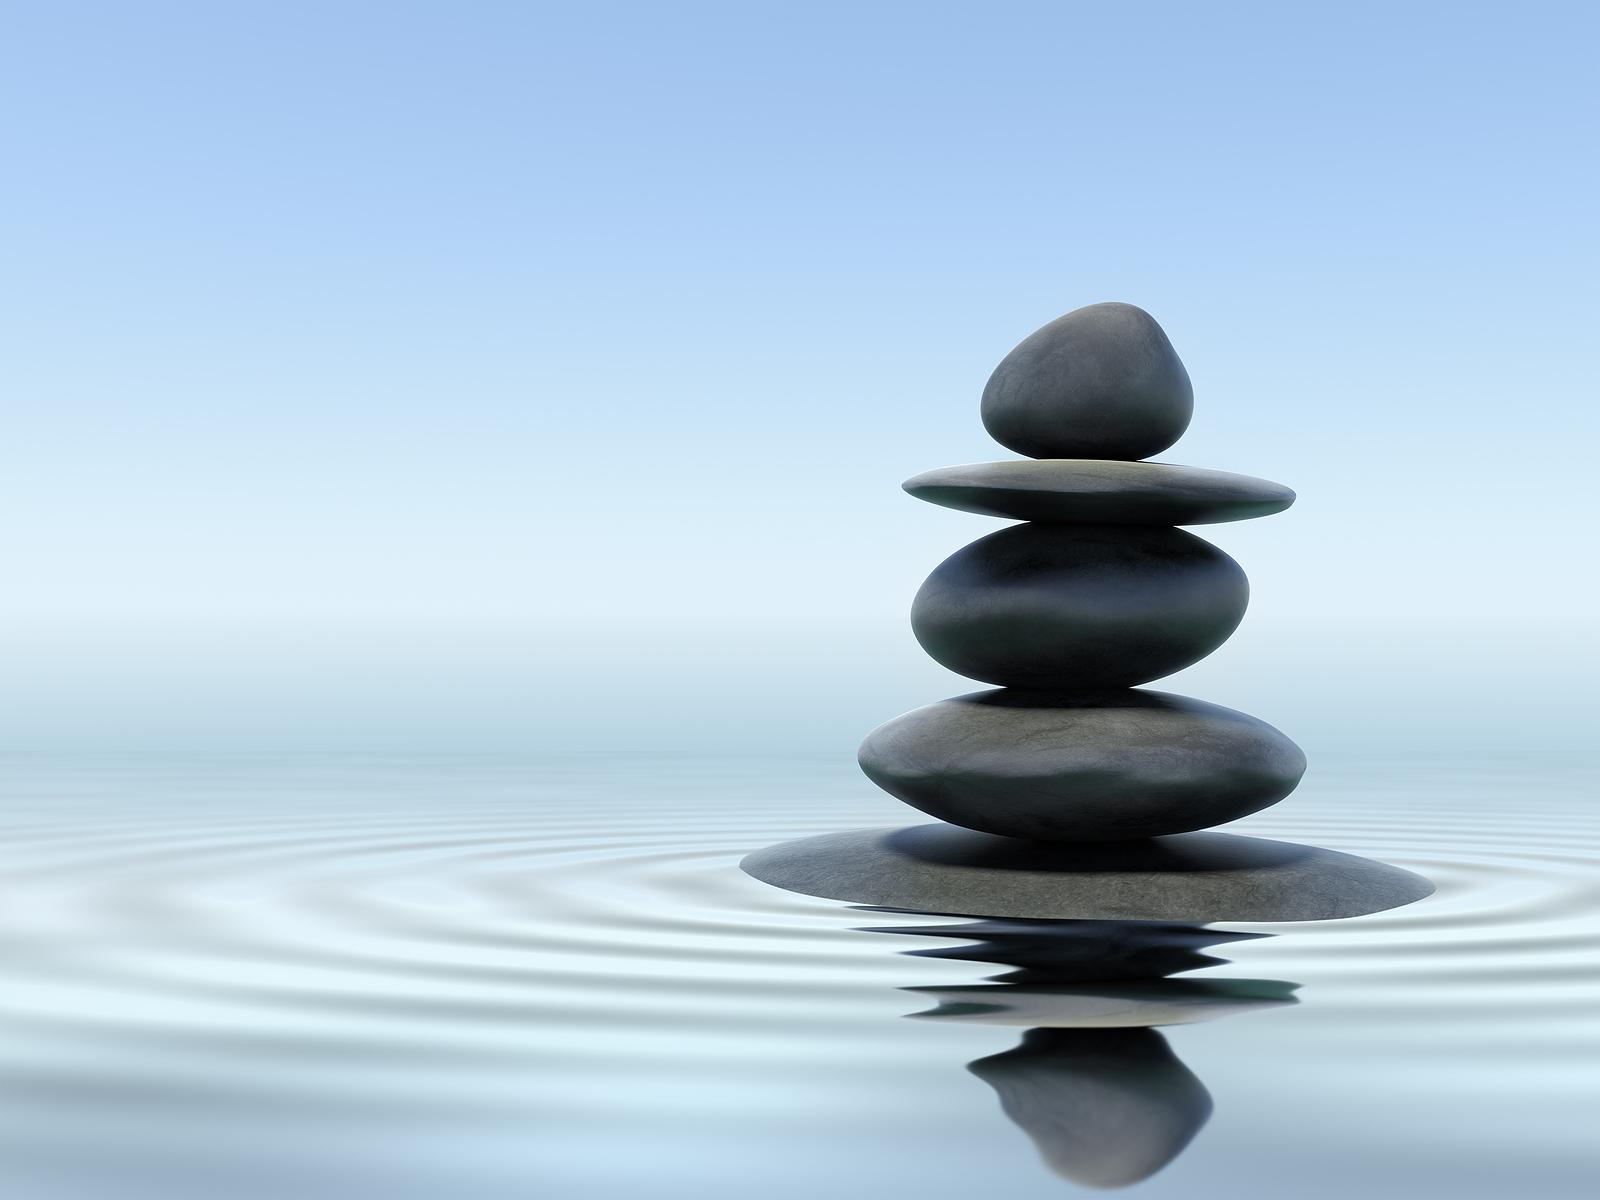 Free Download Zen Stones Wallpaper Widescreen Zen Stones Wal